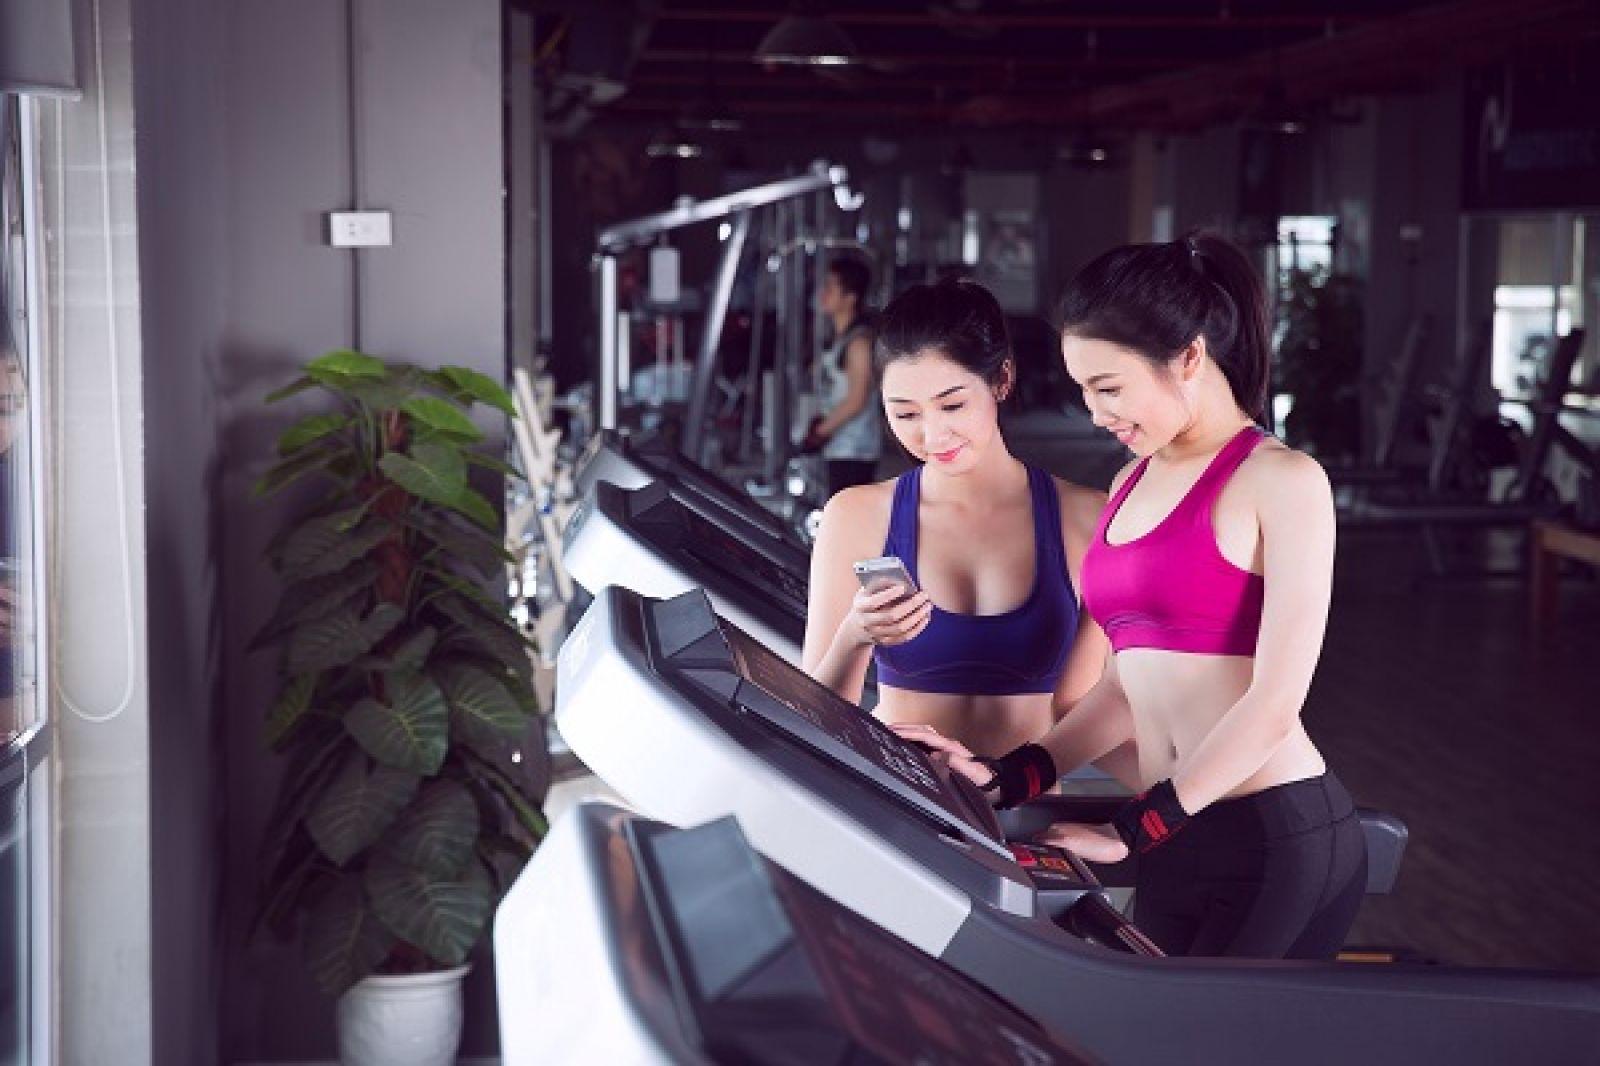 WeFit là hệ thống đầu tiên và duy nhất ở Việt Nam vận hành theo mô hình ứng dụng chia sẻ phòng tập gym.